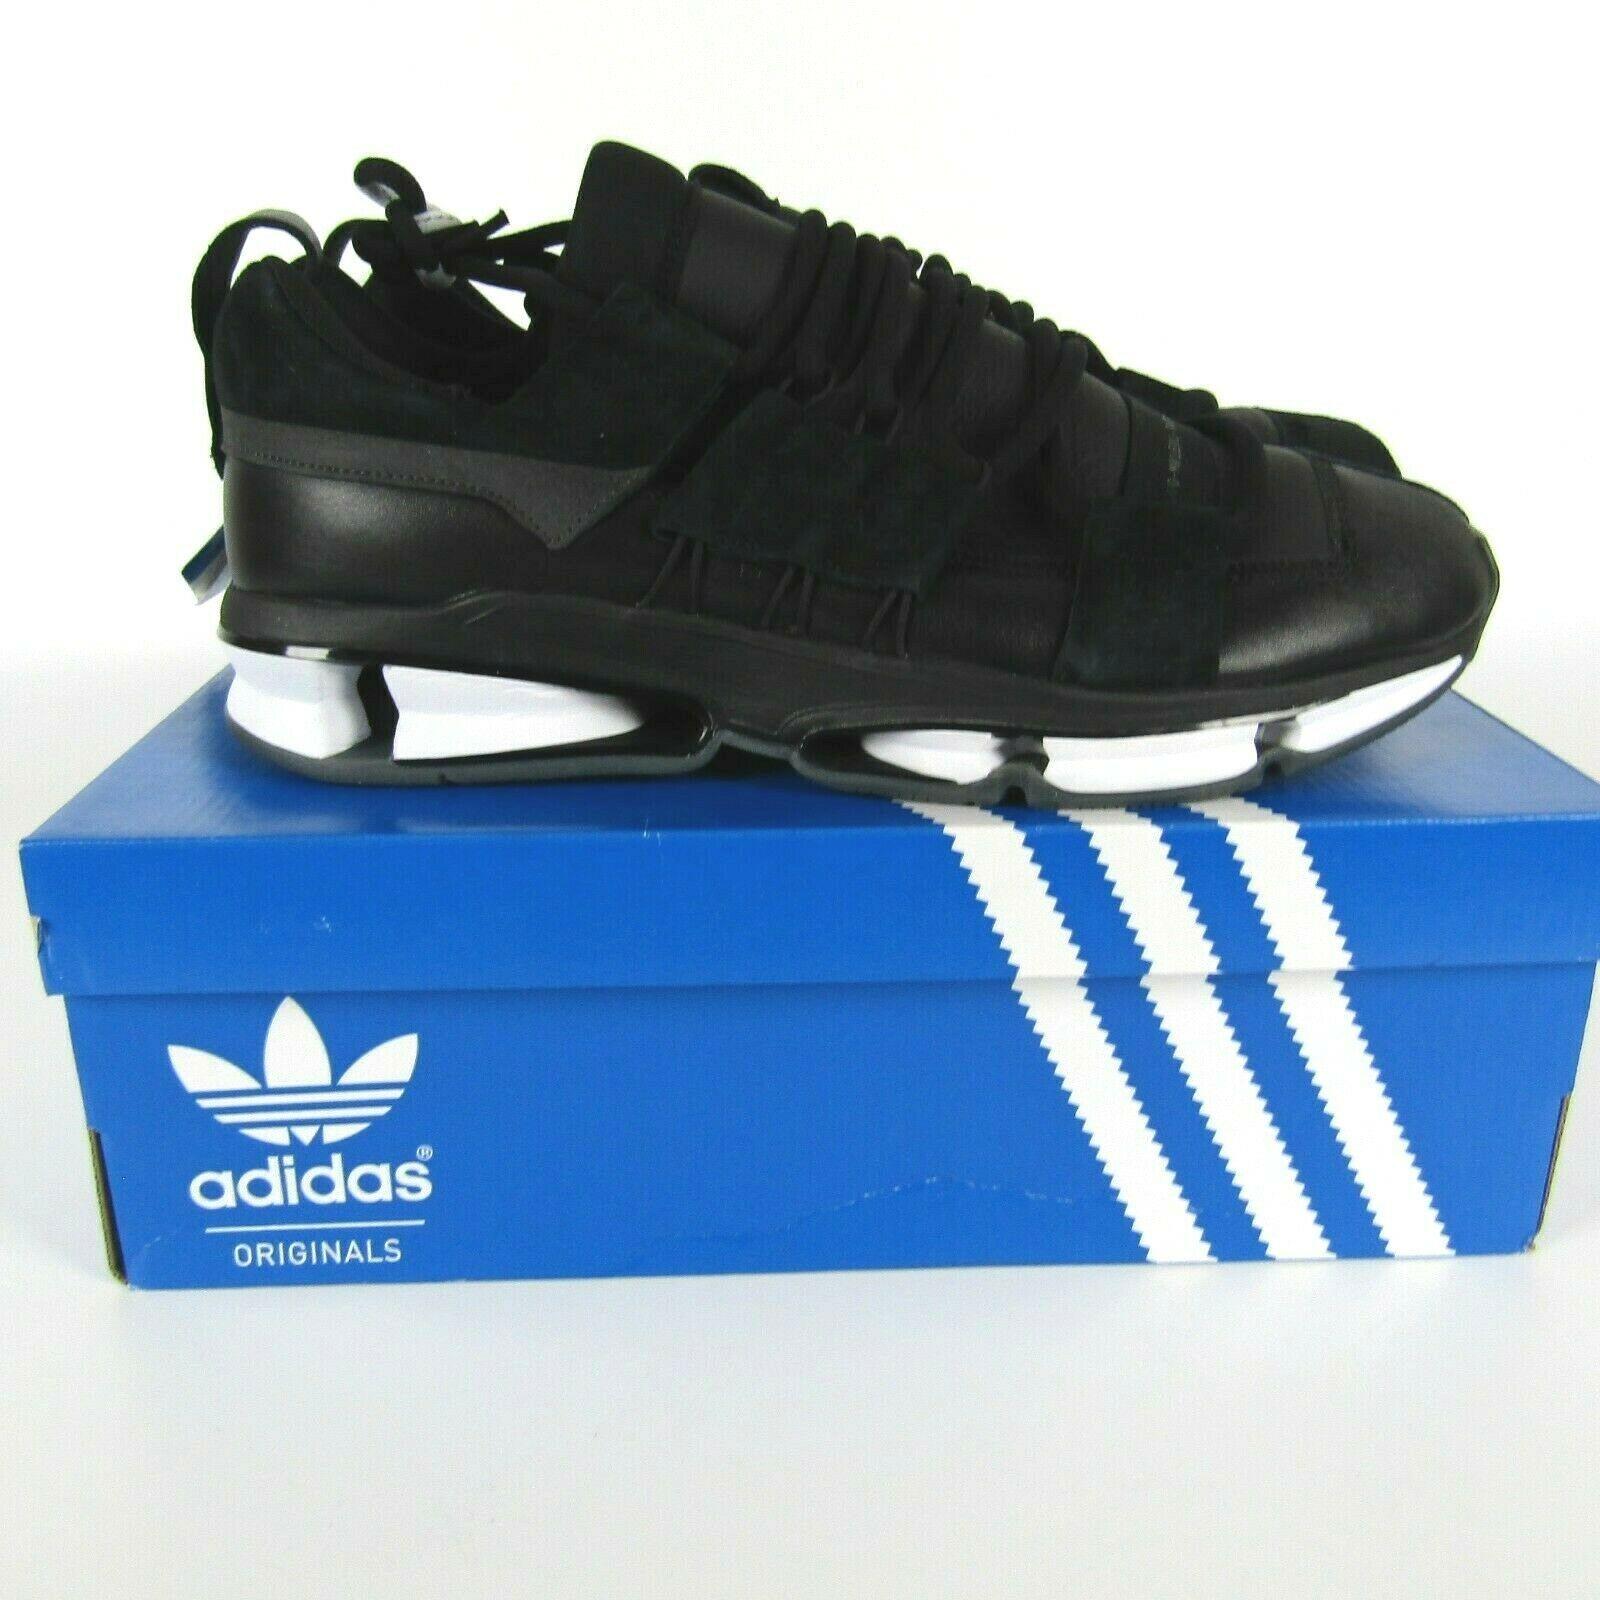 Adidas Twinstrike Adv Elástico Cuero Casual Zapatos Negros Blanco B28015 Size 13